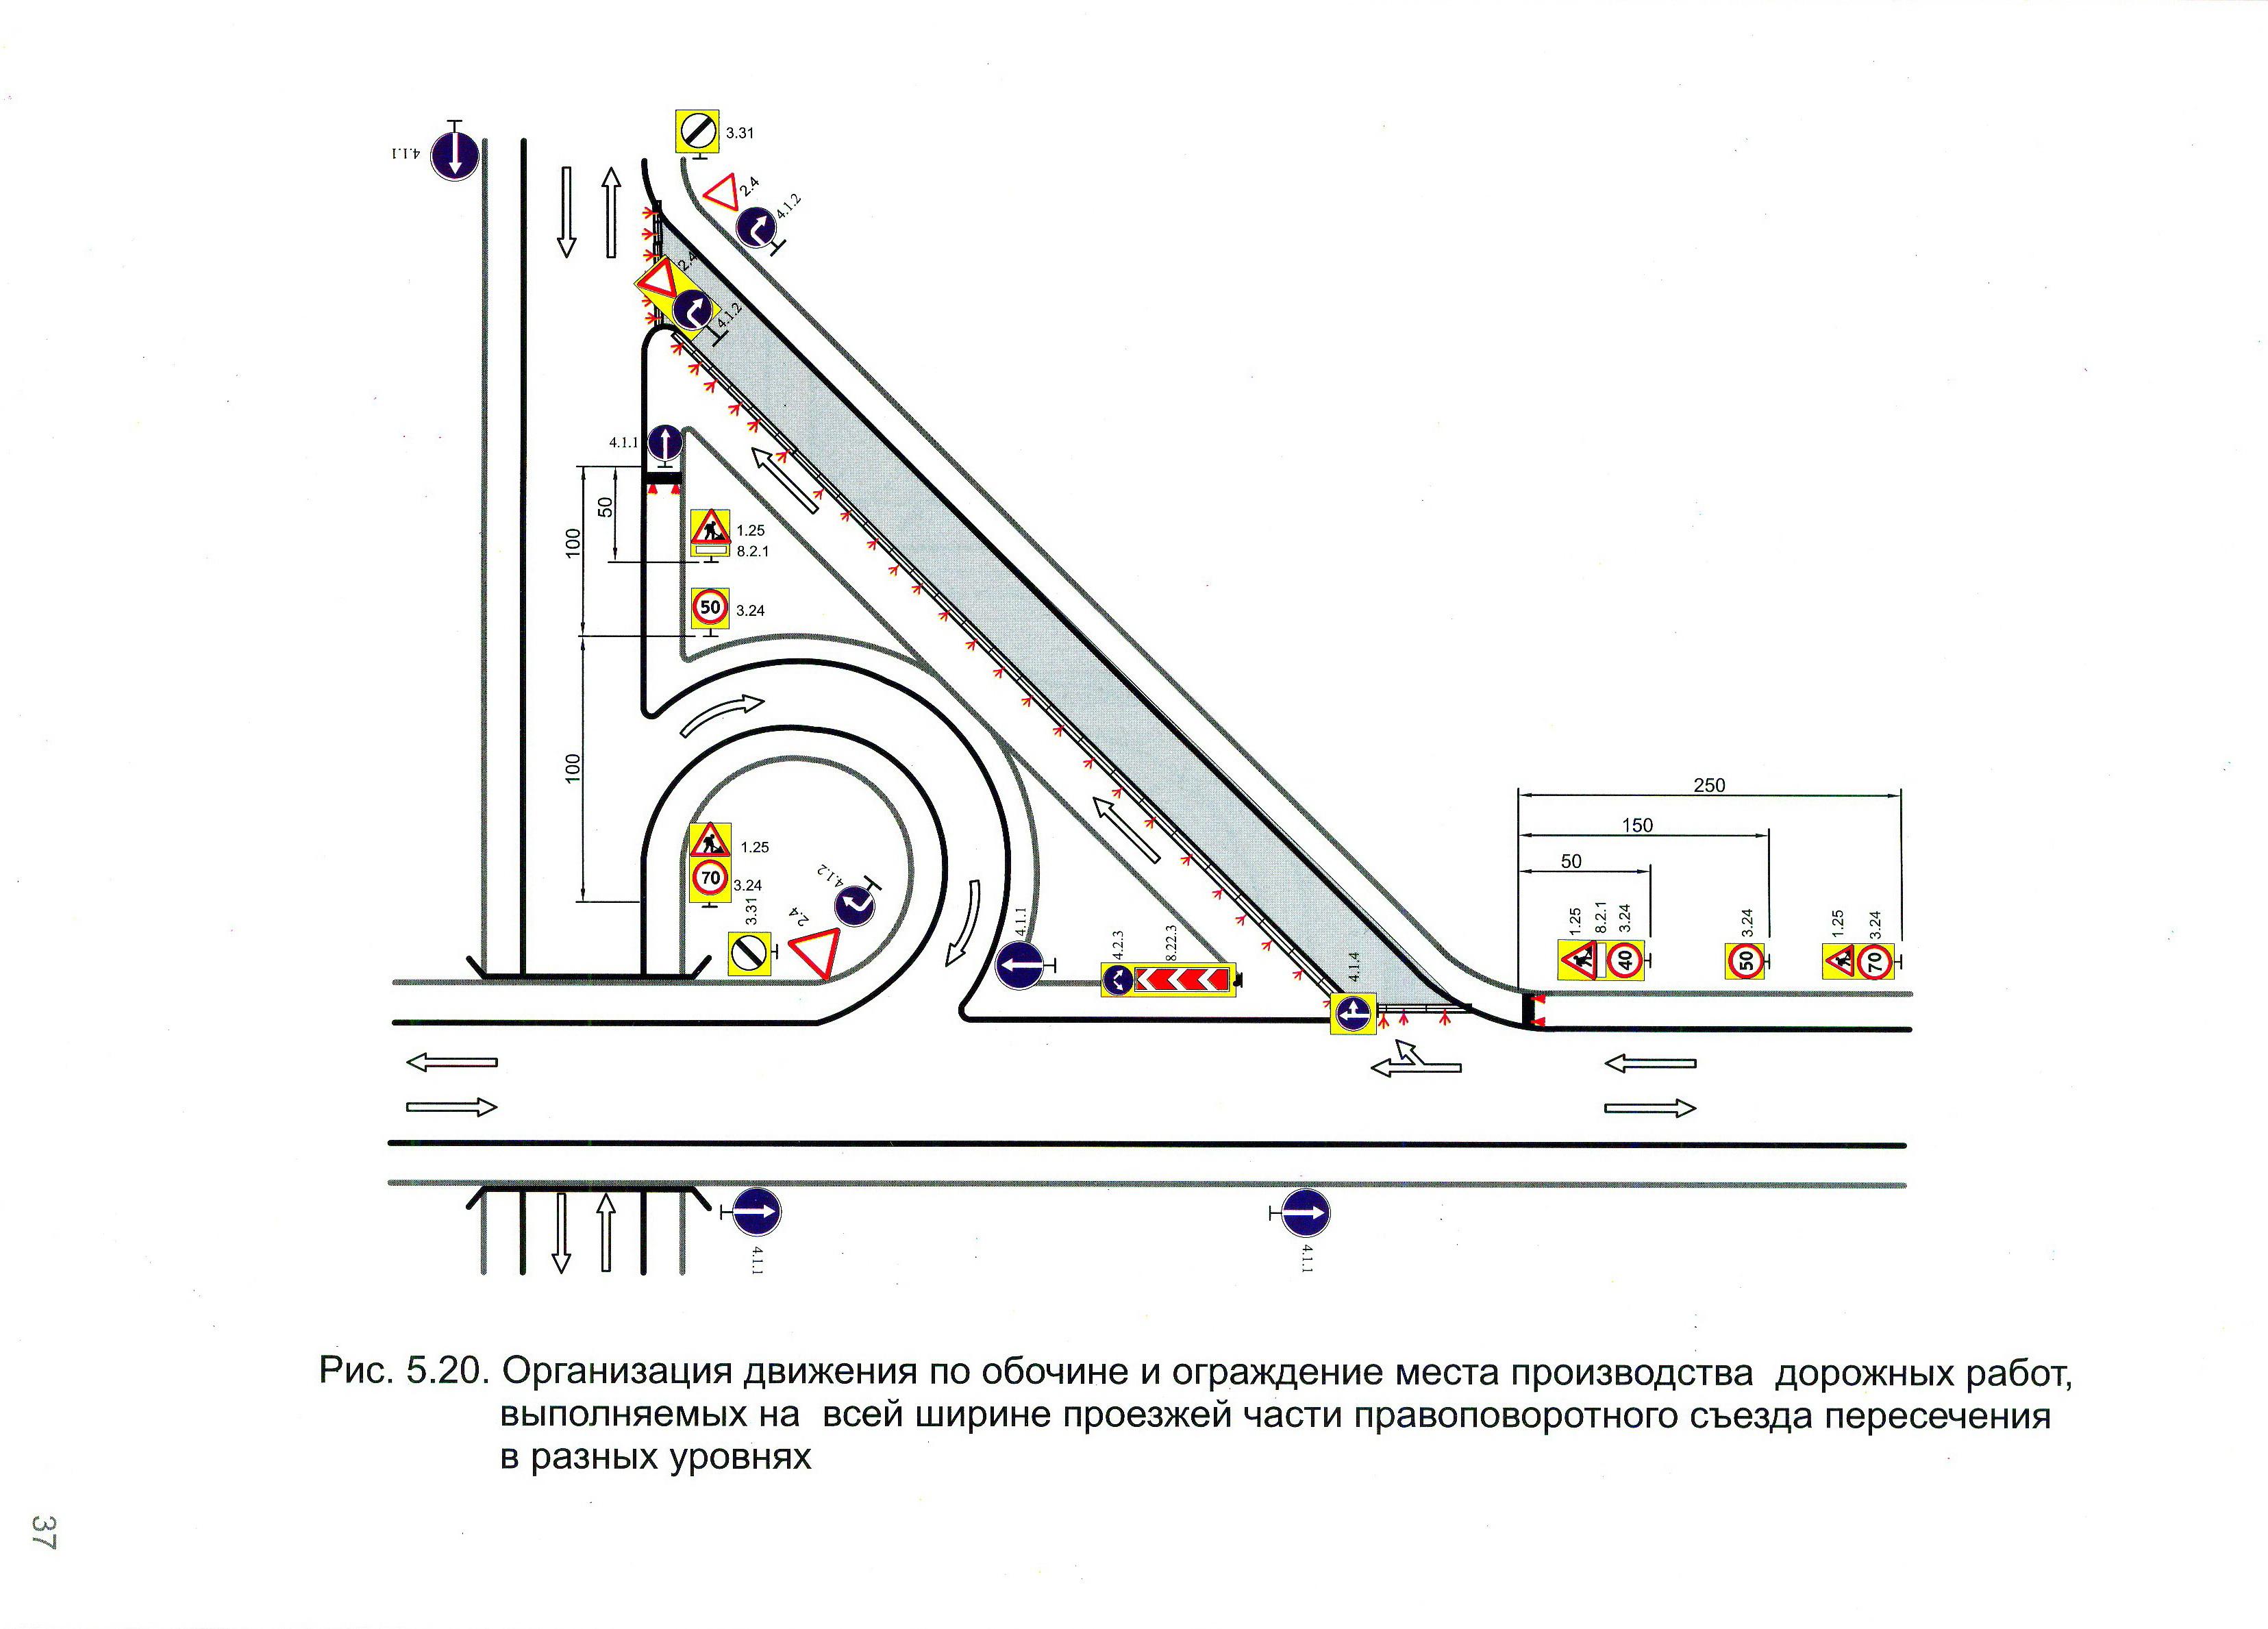 Схема организации движения на мосту